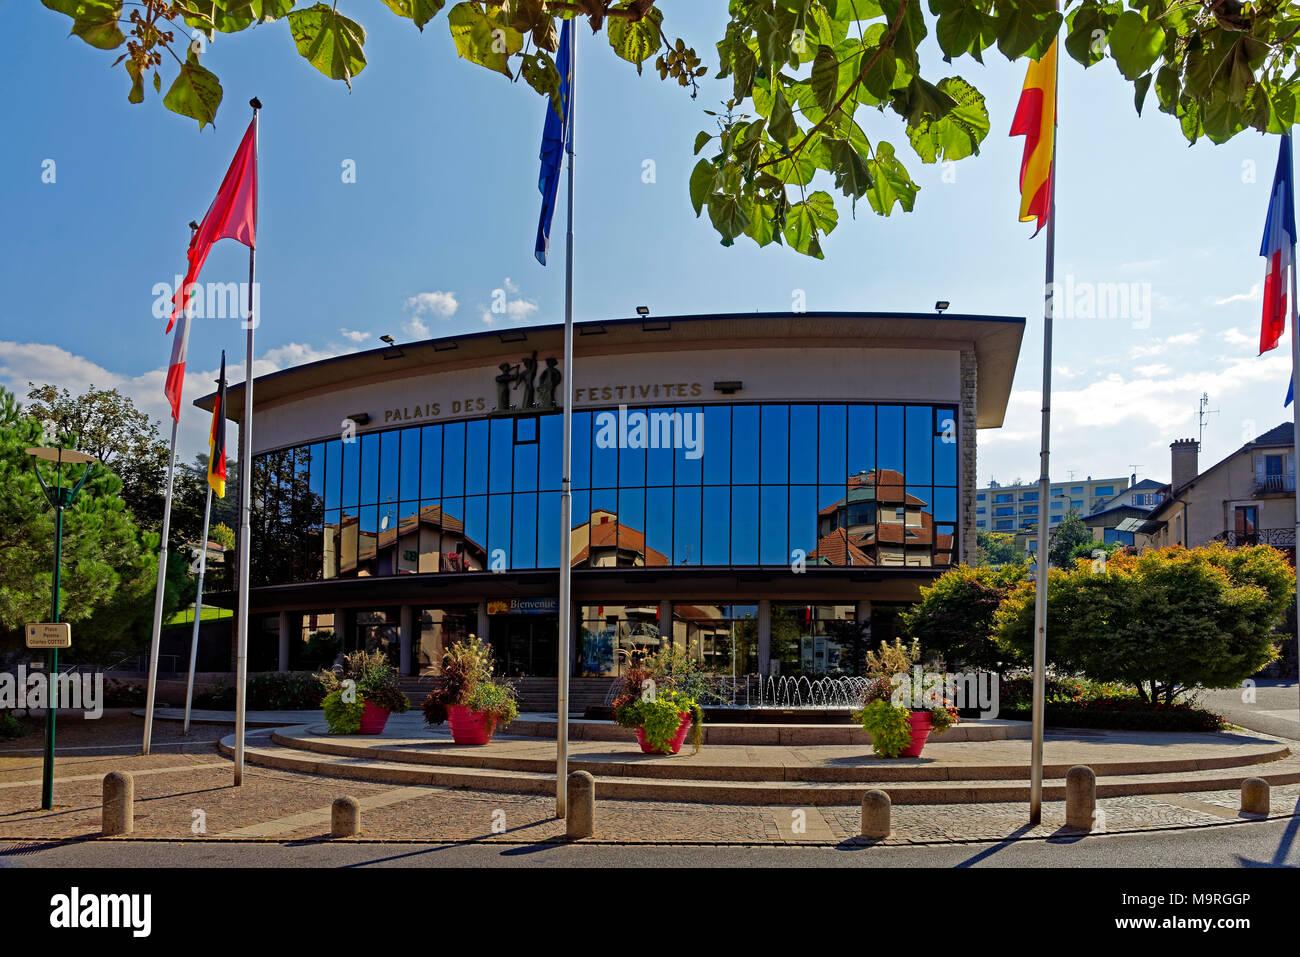 Europe, France, Auvergne Rhône nightmare, Évian-les-Bains, Place Peintre Charles Cottet, palace festivités, street view, architecture, flowers, flags, - Stock Image